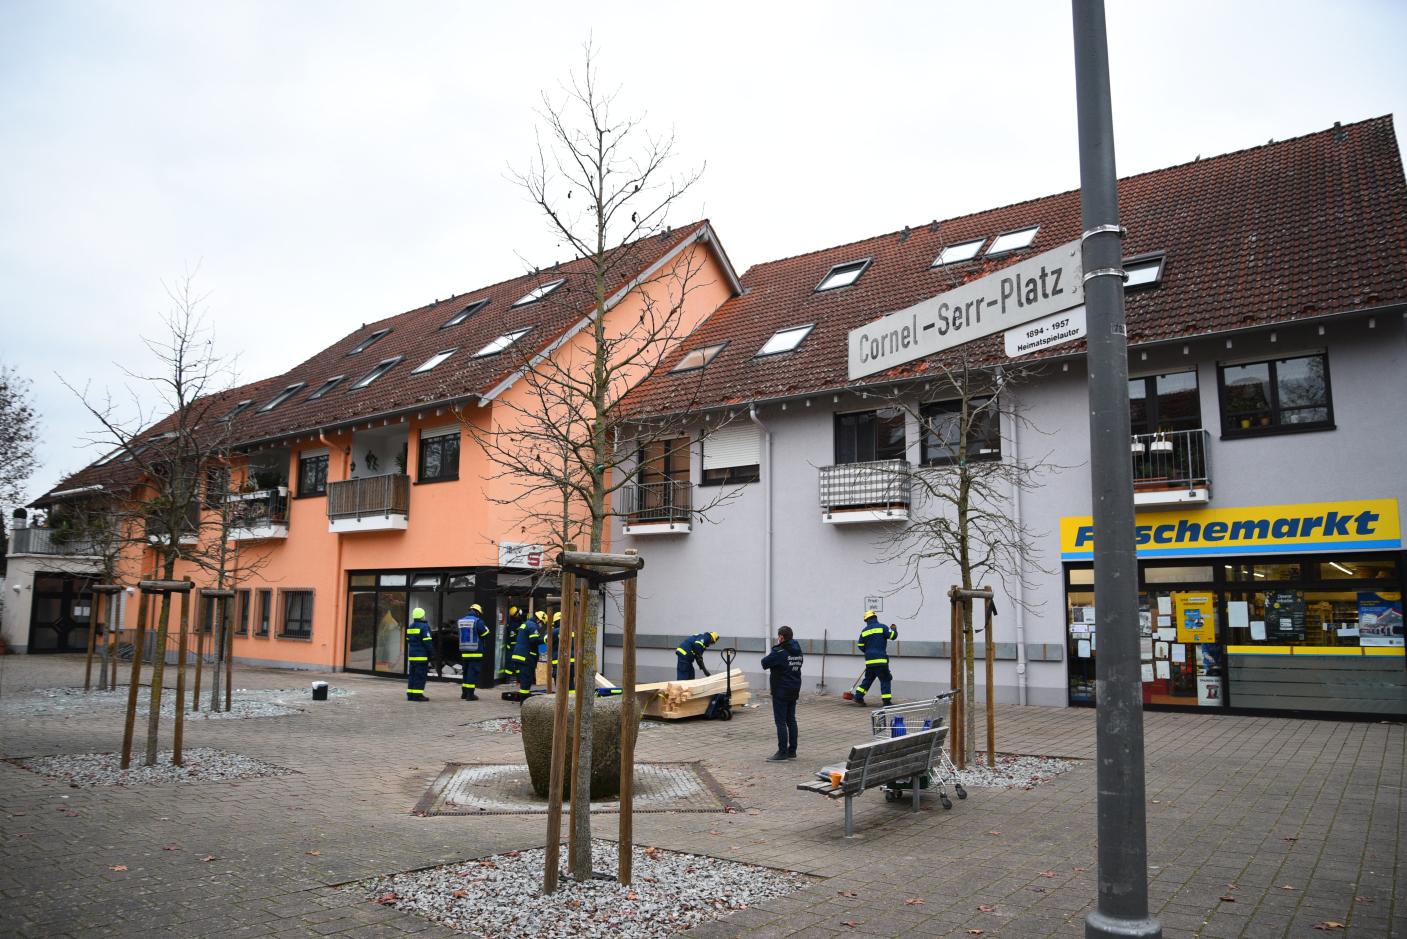 Sprengung eines Geldautomaten - Diebstahlsschaden noch unbekannt - Sachschaden ca. 50.000 Euro - weitere Zeugen gesucht